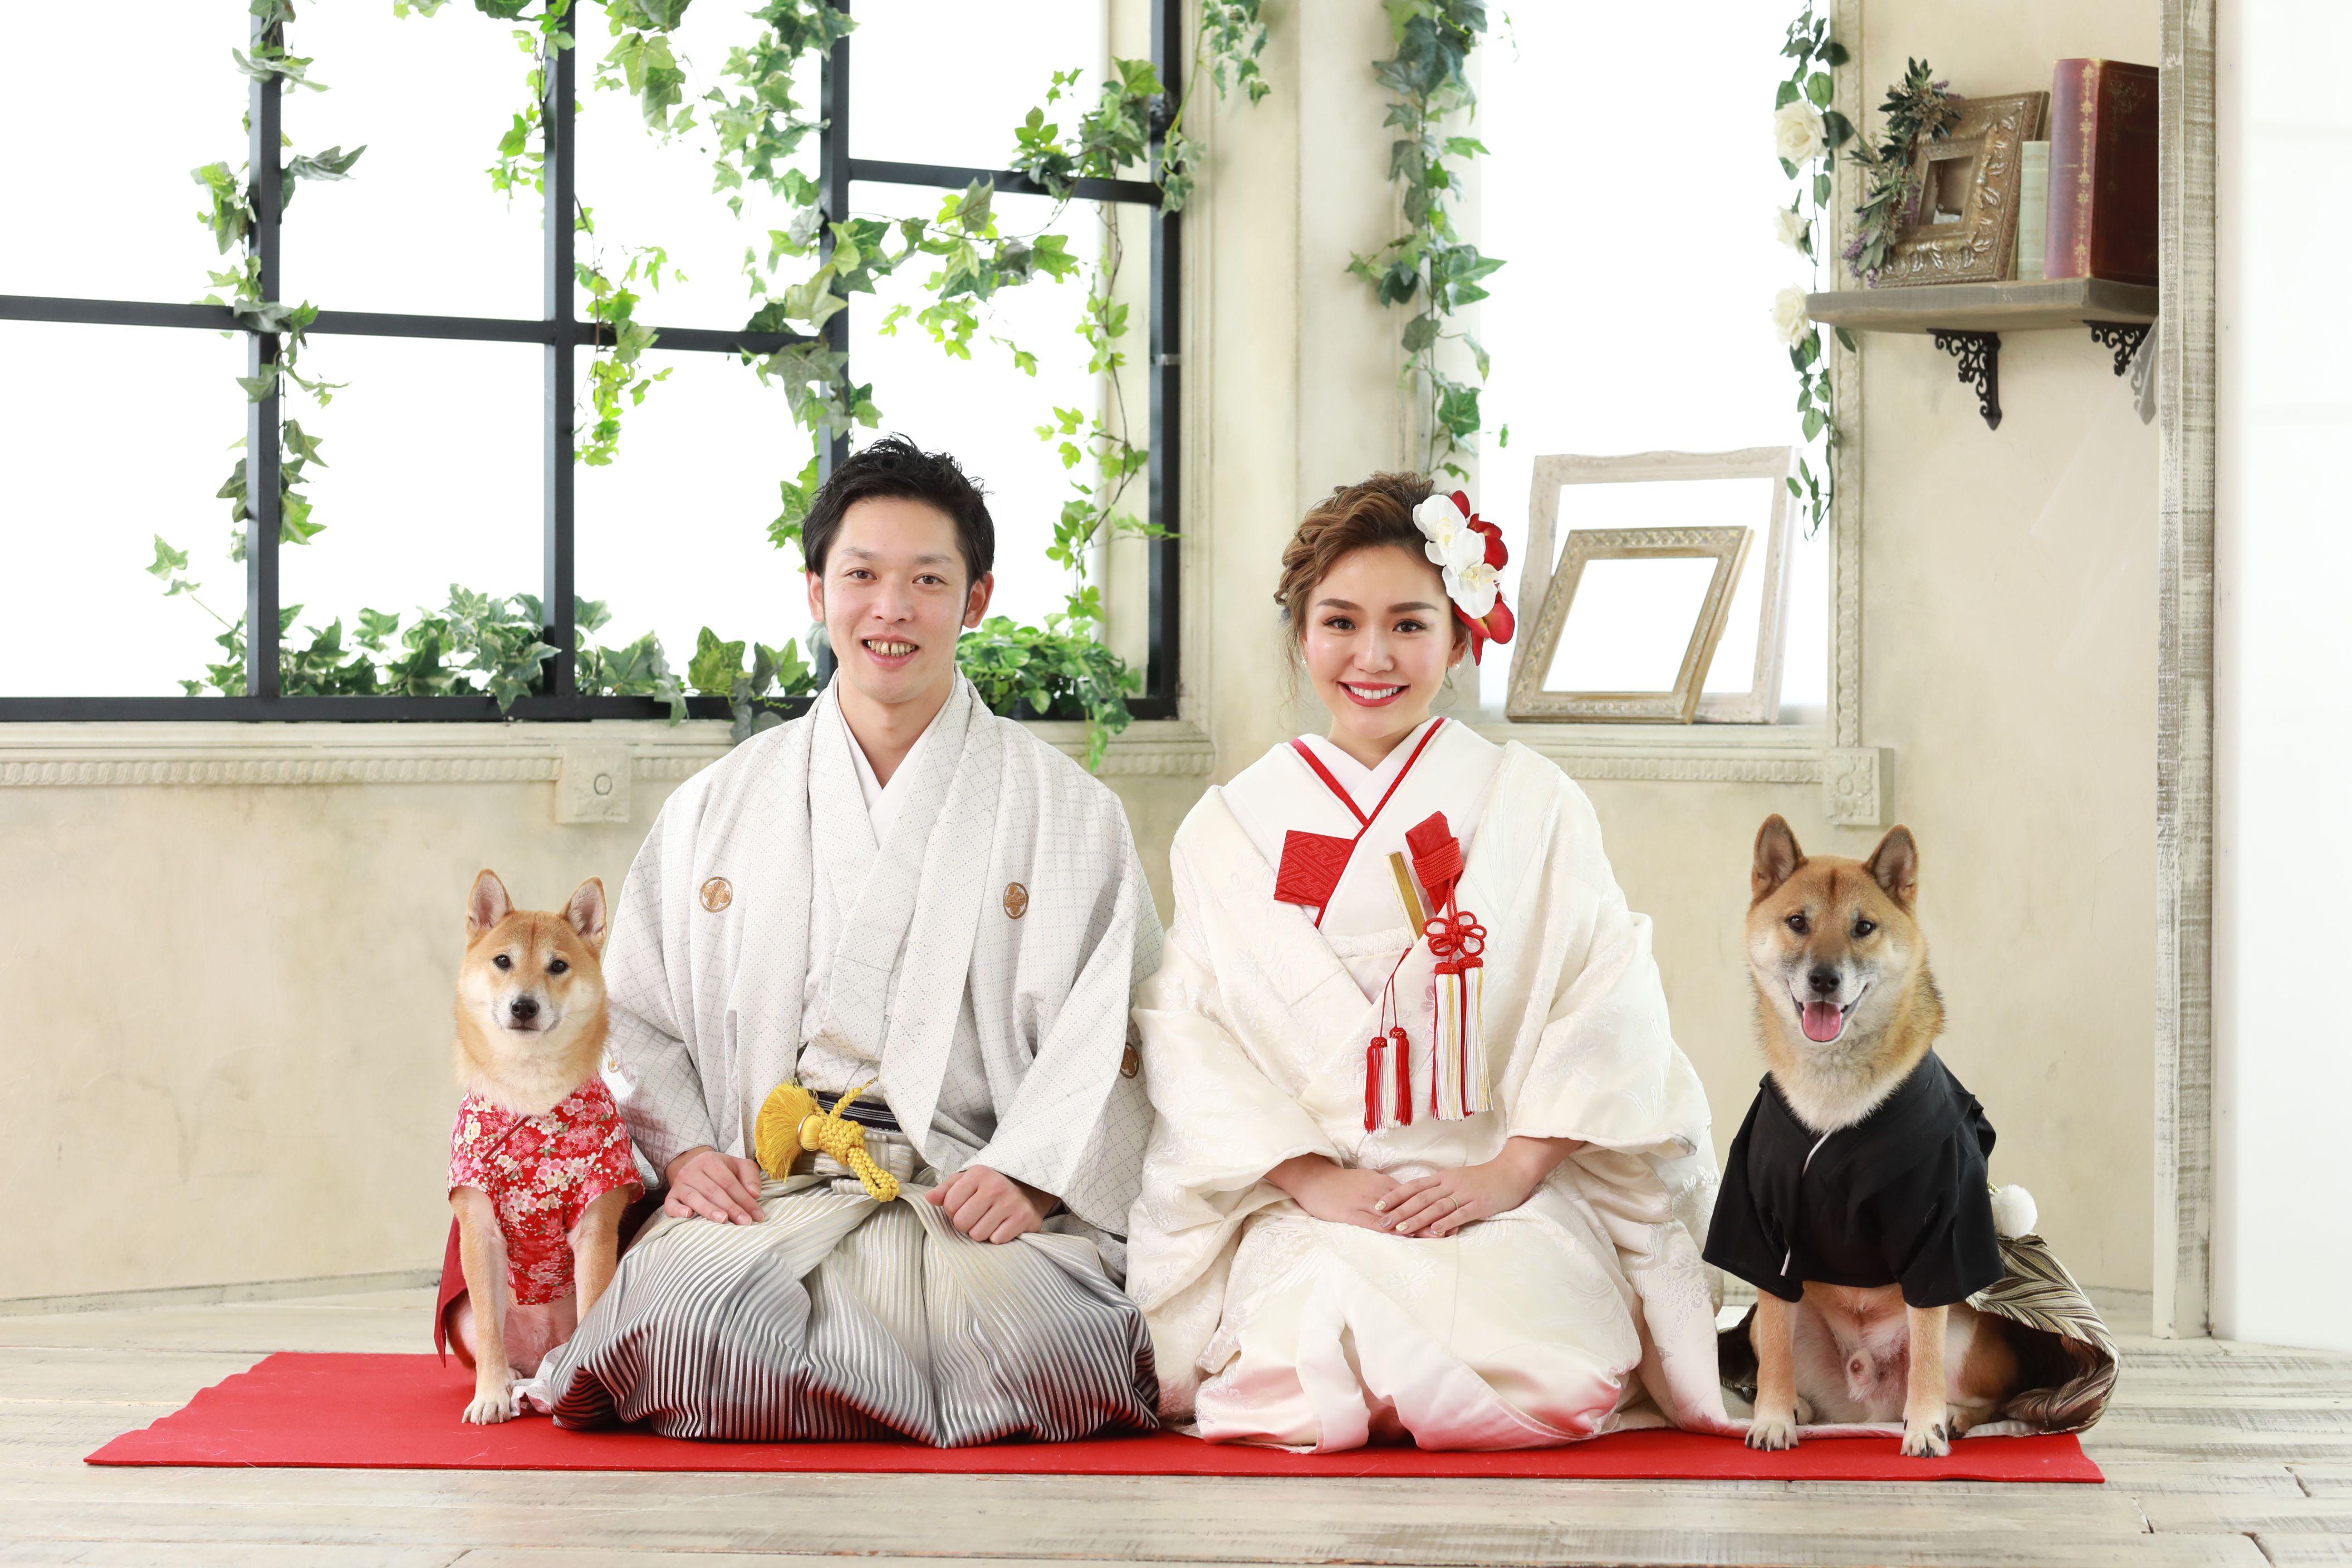 みんなで正座だワン 結婚式 ペット ウェディングフォト 結婚式 前撮り ポーズ 和装